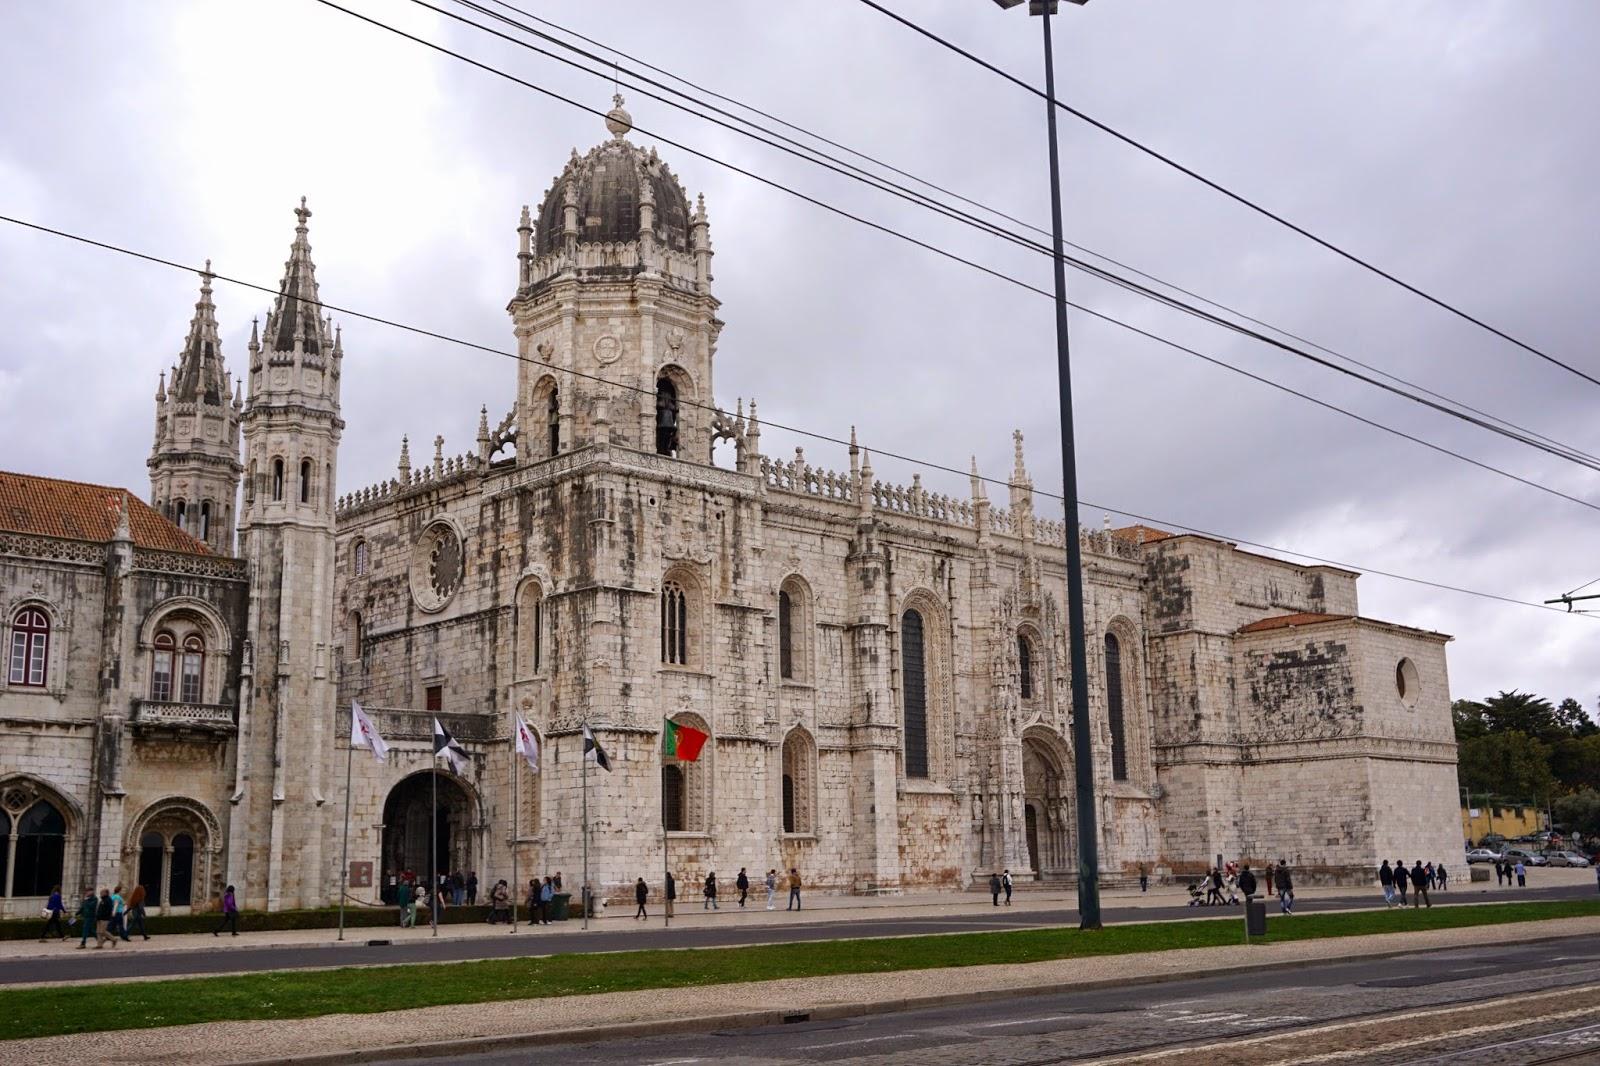 Mosteiro dis Jeronimos, Jeronimos Monastery in Lisbon